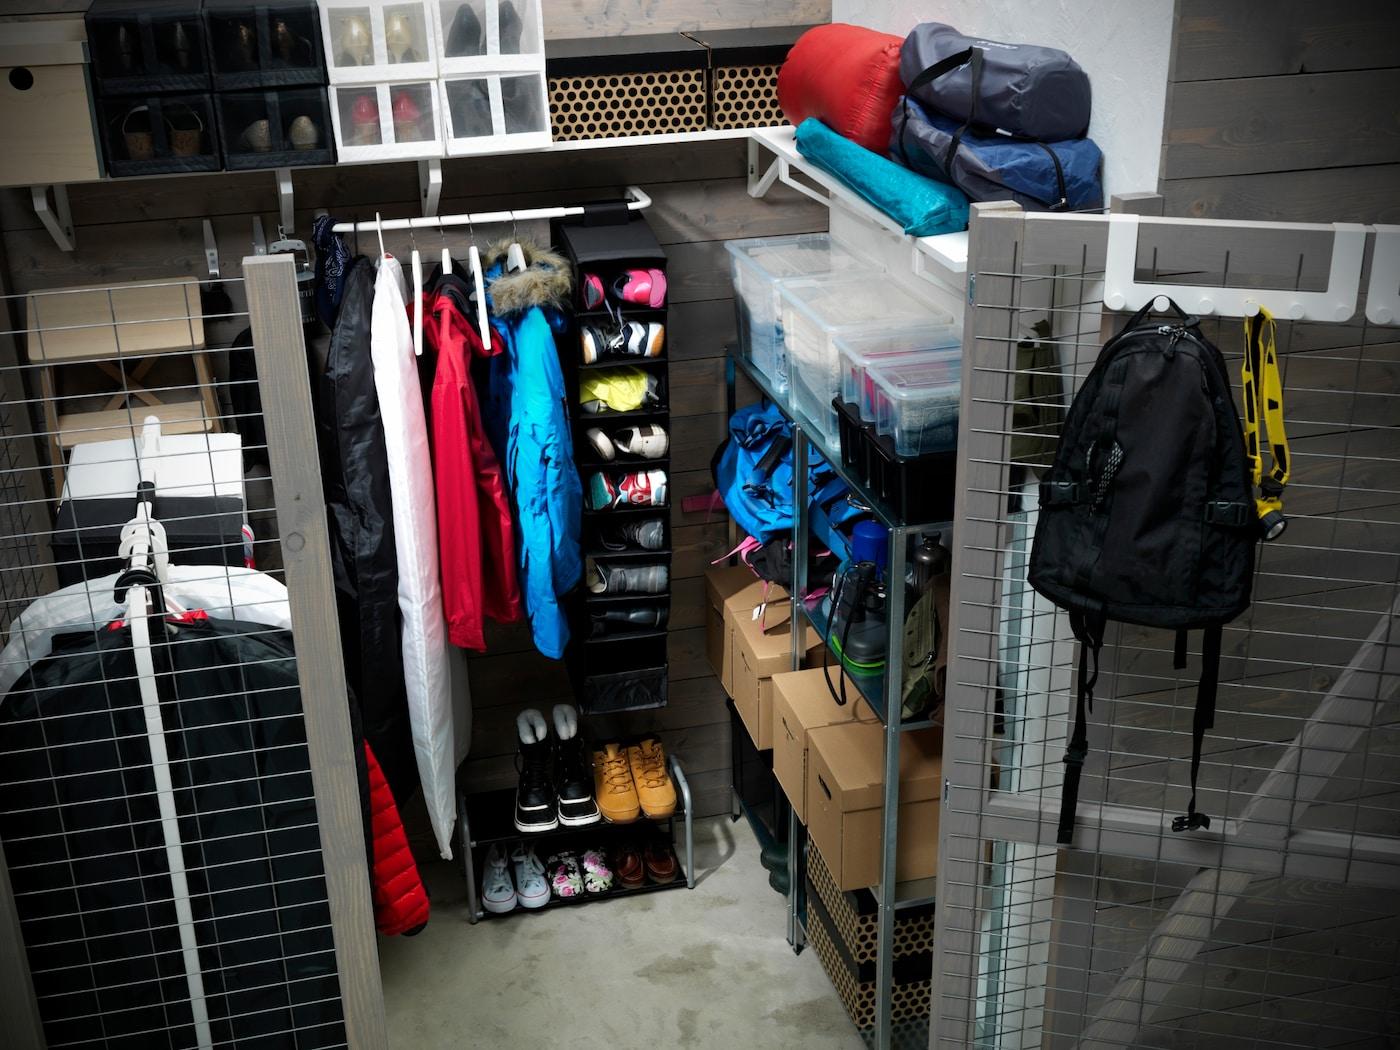 Kleiner, grauer Kellerraum mit Regalen, Kleiderstange, Schuhkartons, Schuhen & Rucksack.